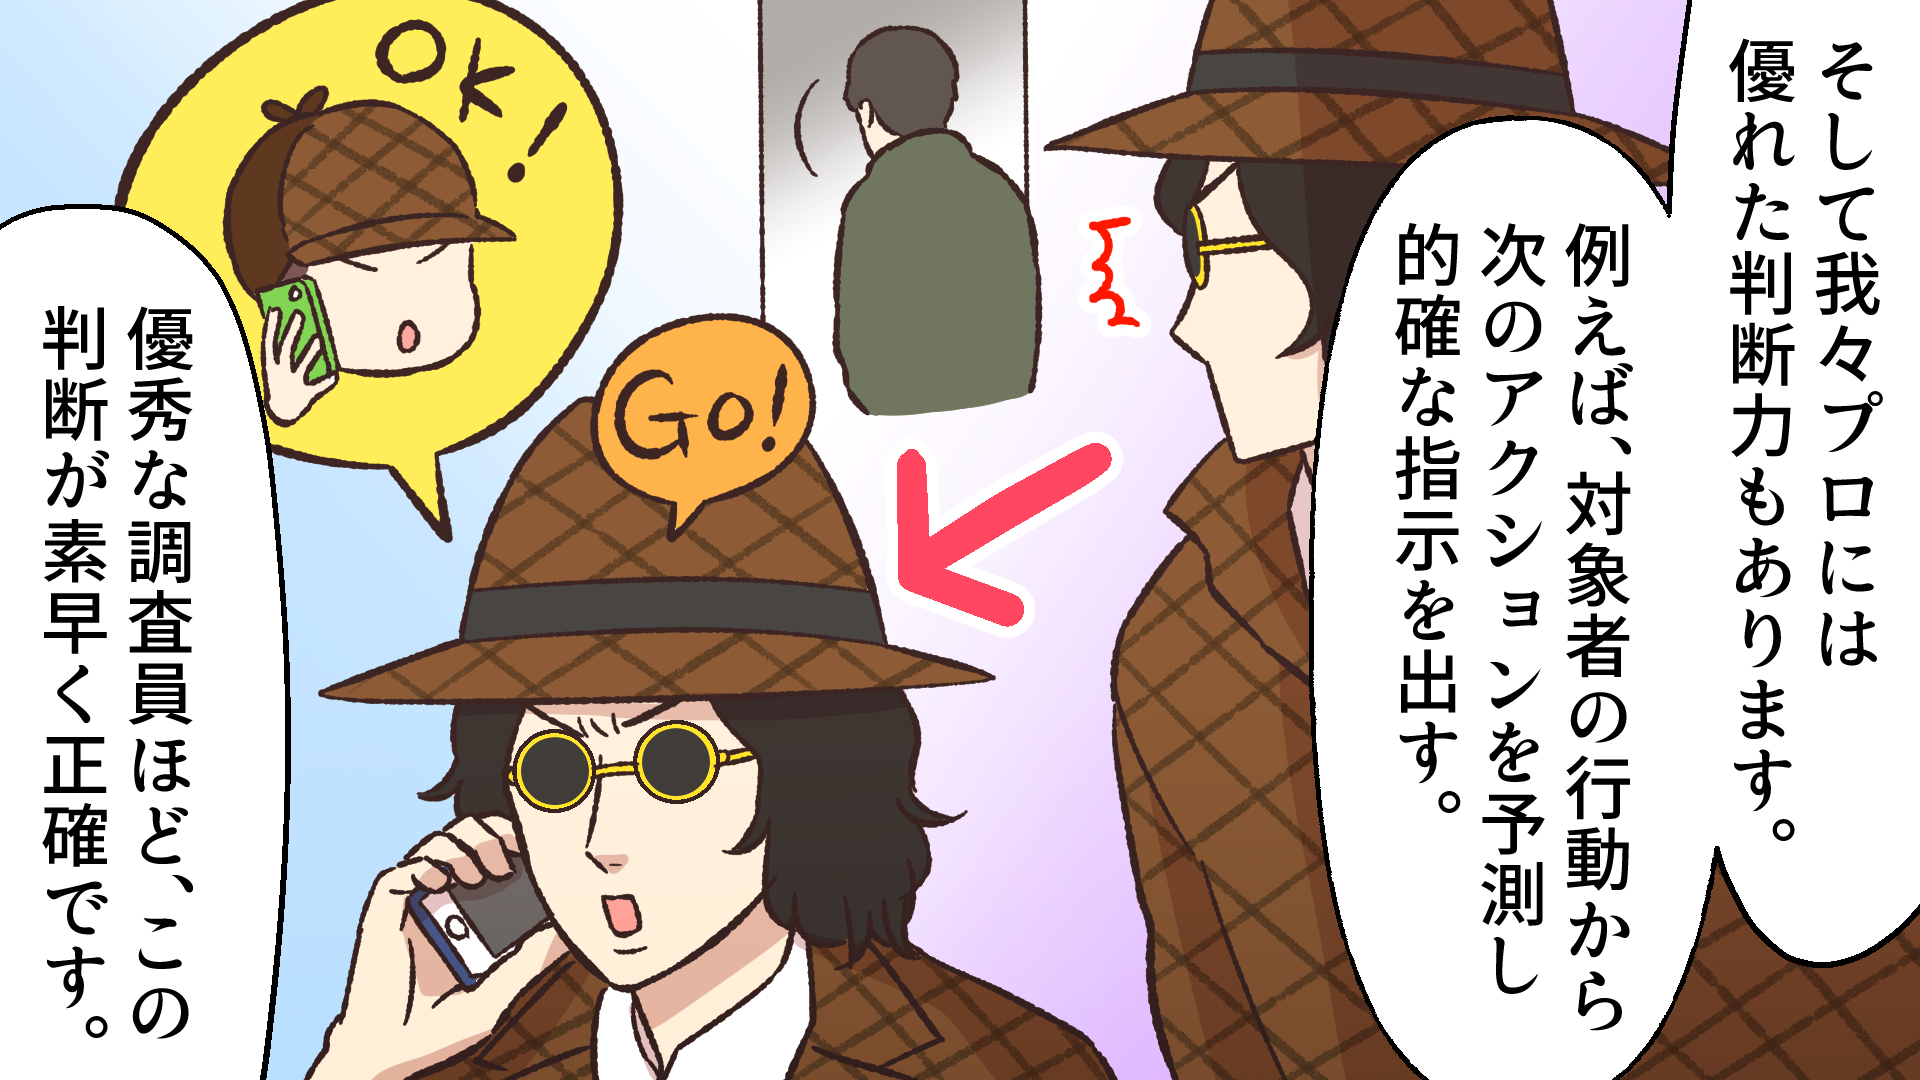 探偵の判断力